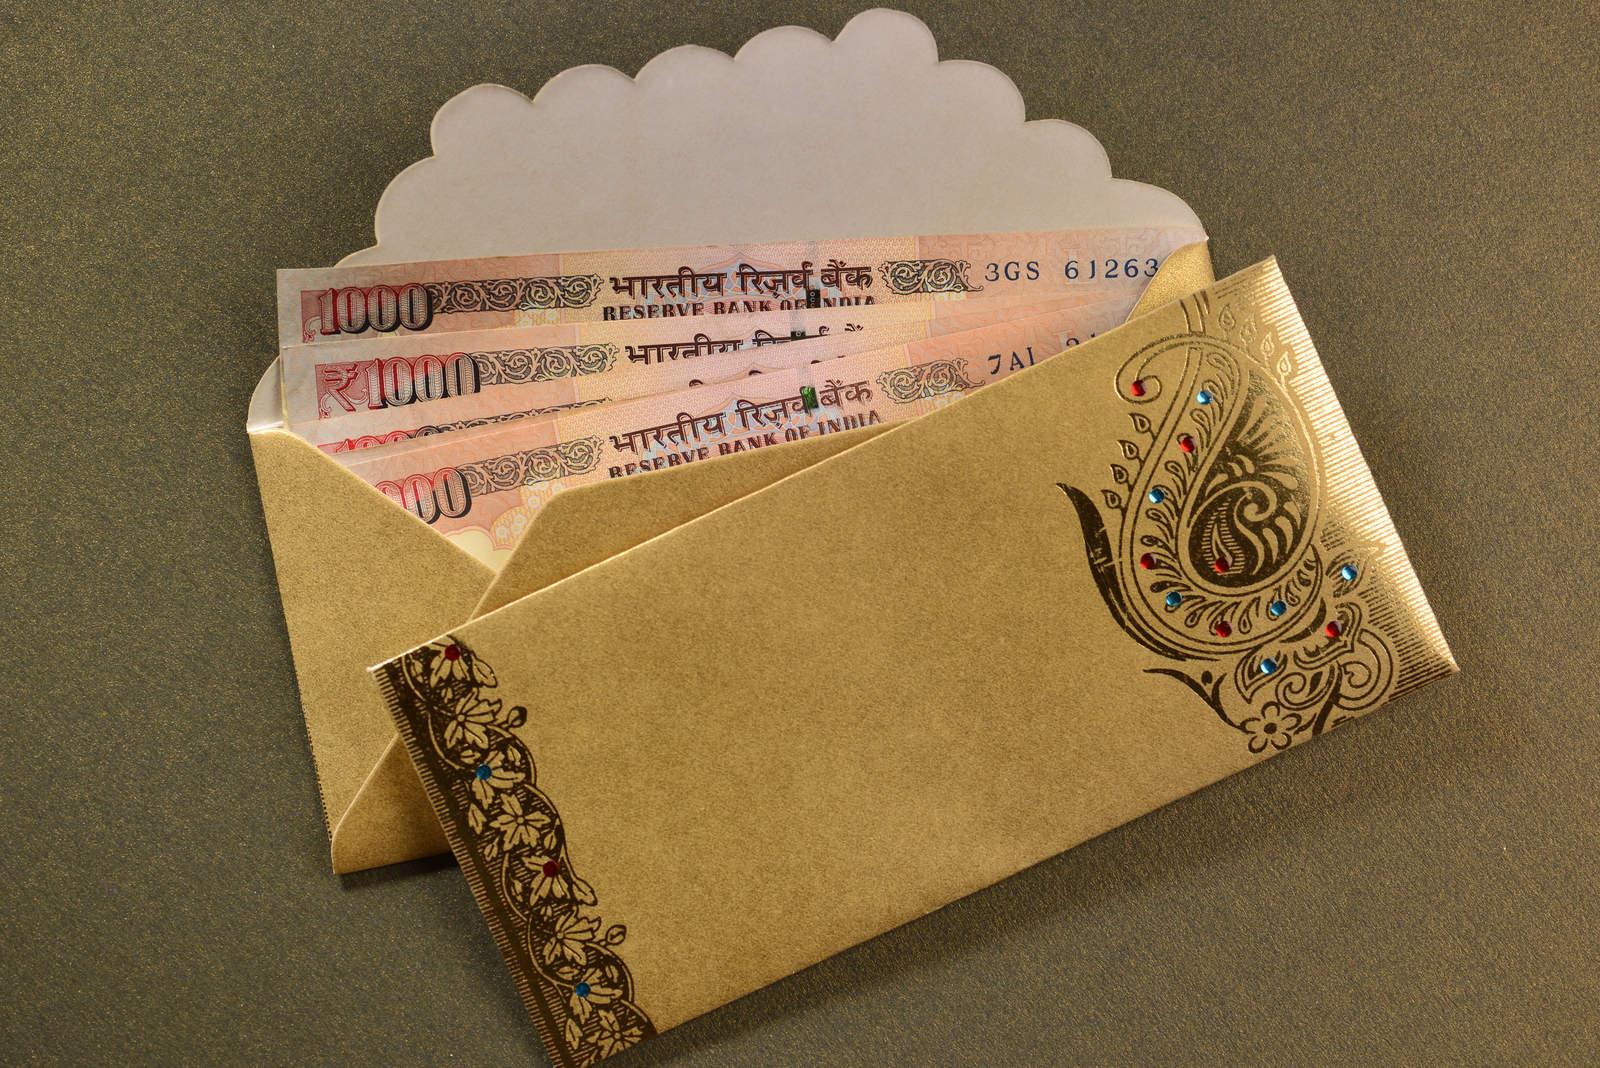 Eintausend Rupien in dekorativen goldenen Umschlägen.